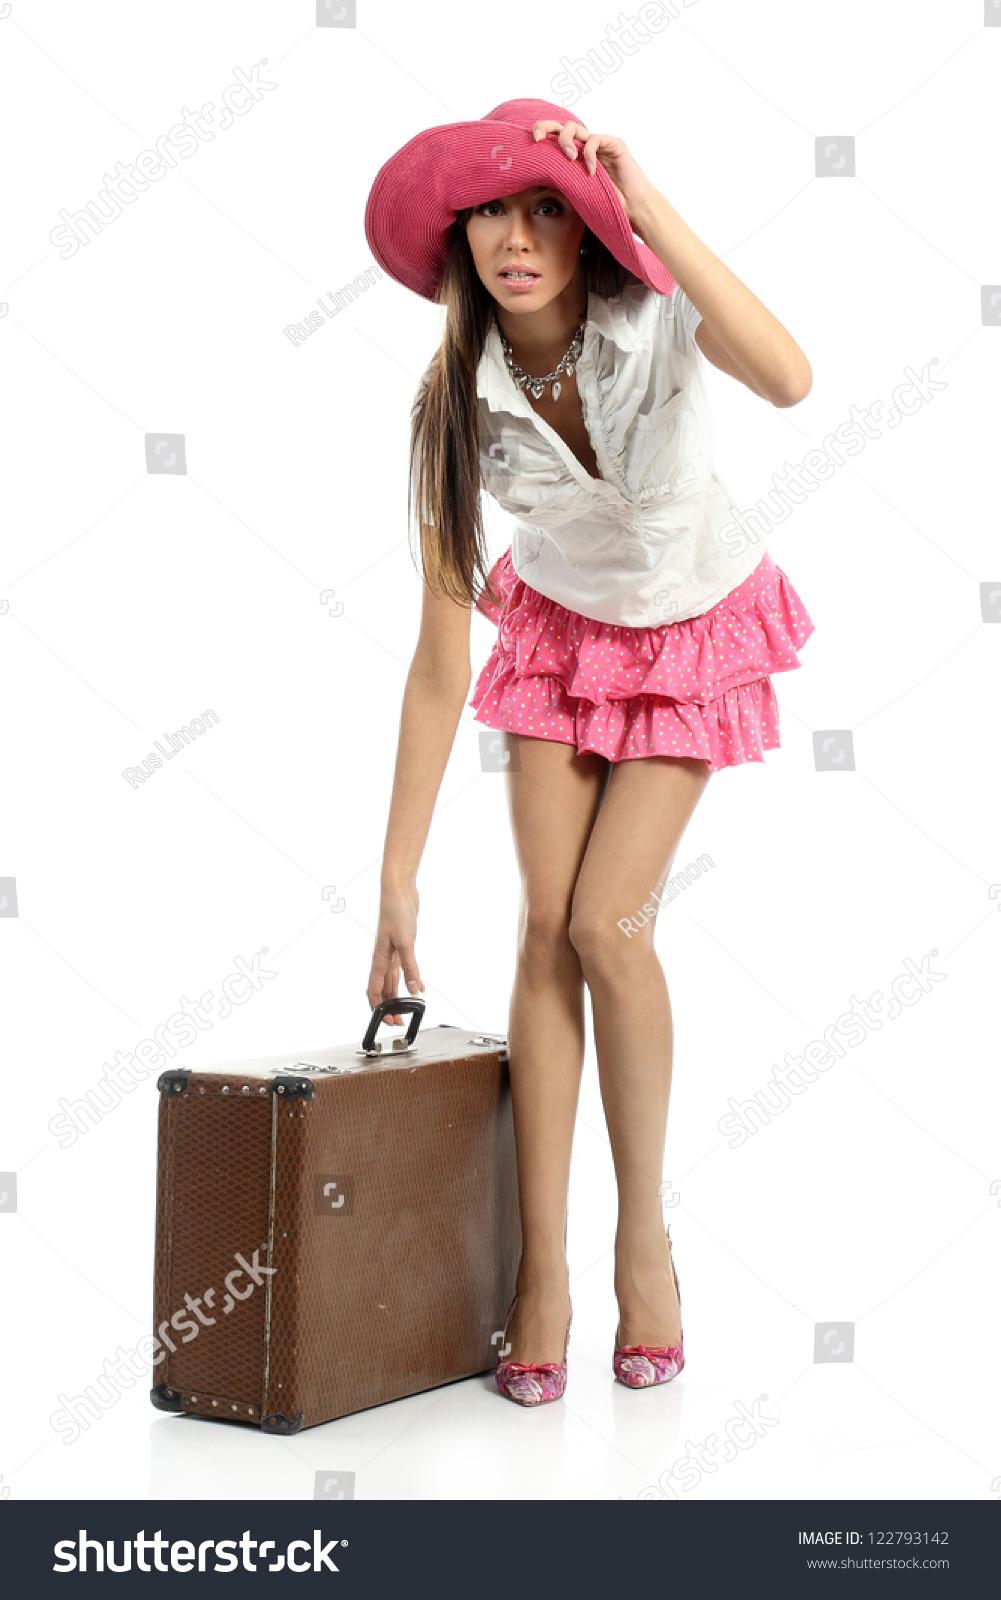 Girl Long Legs Short Skirt Widebrimmed Stock Photo 122793142 ...